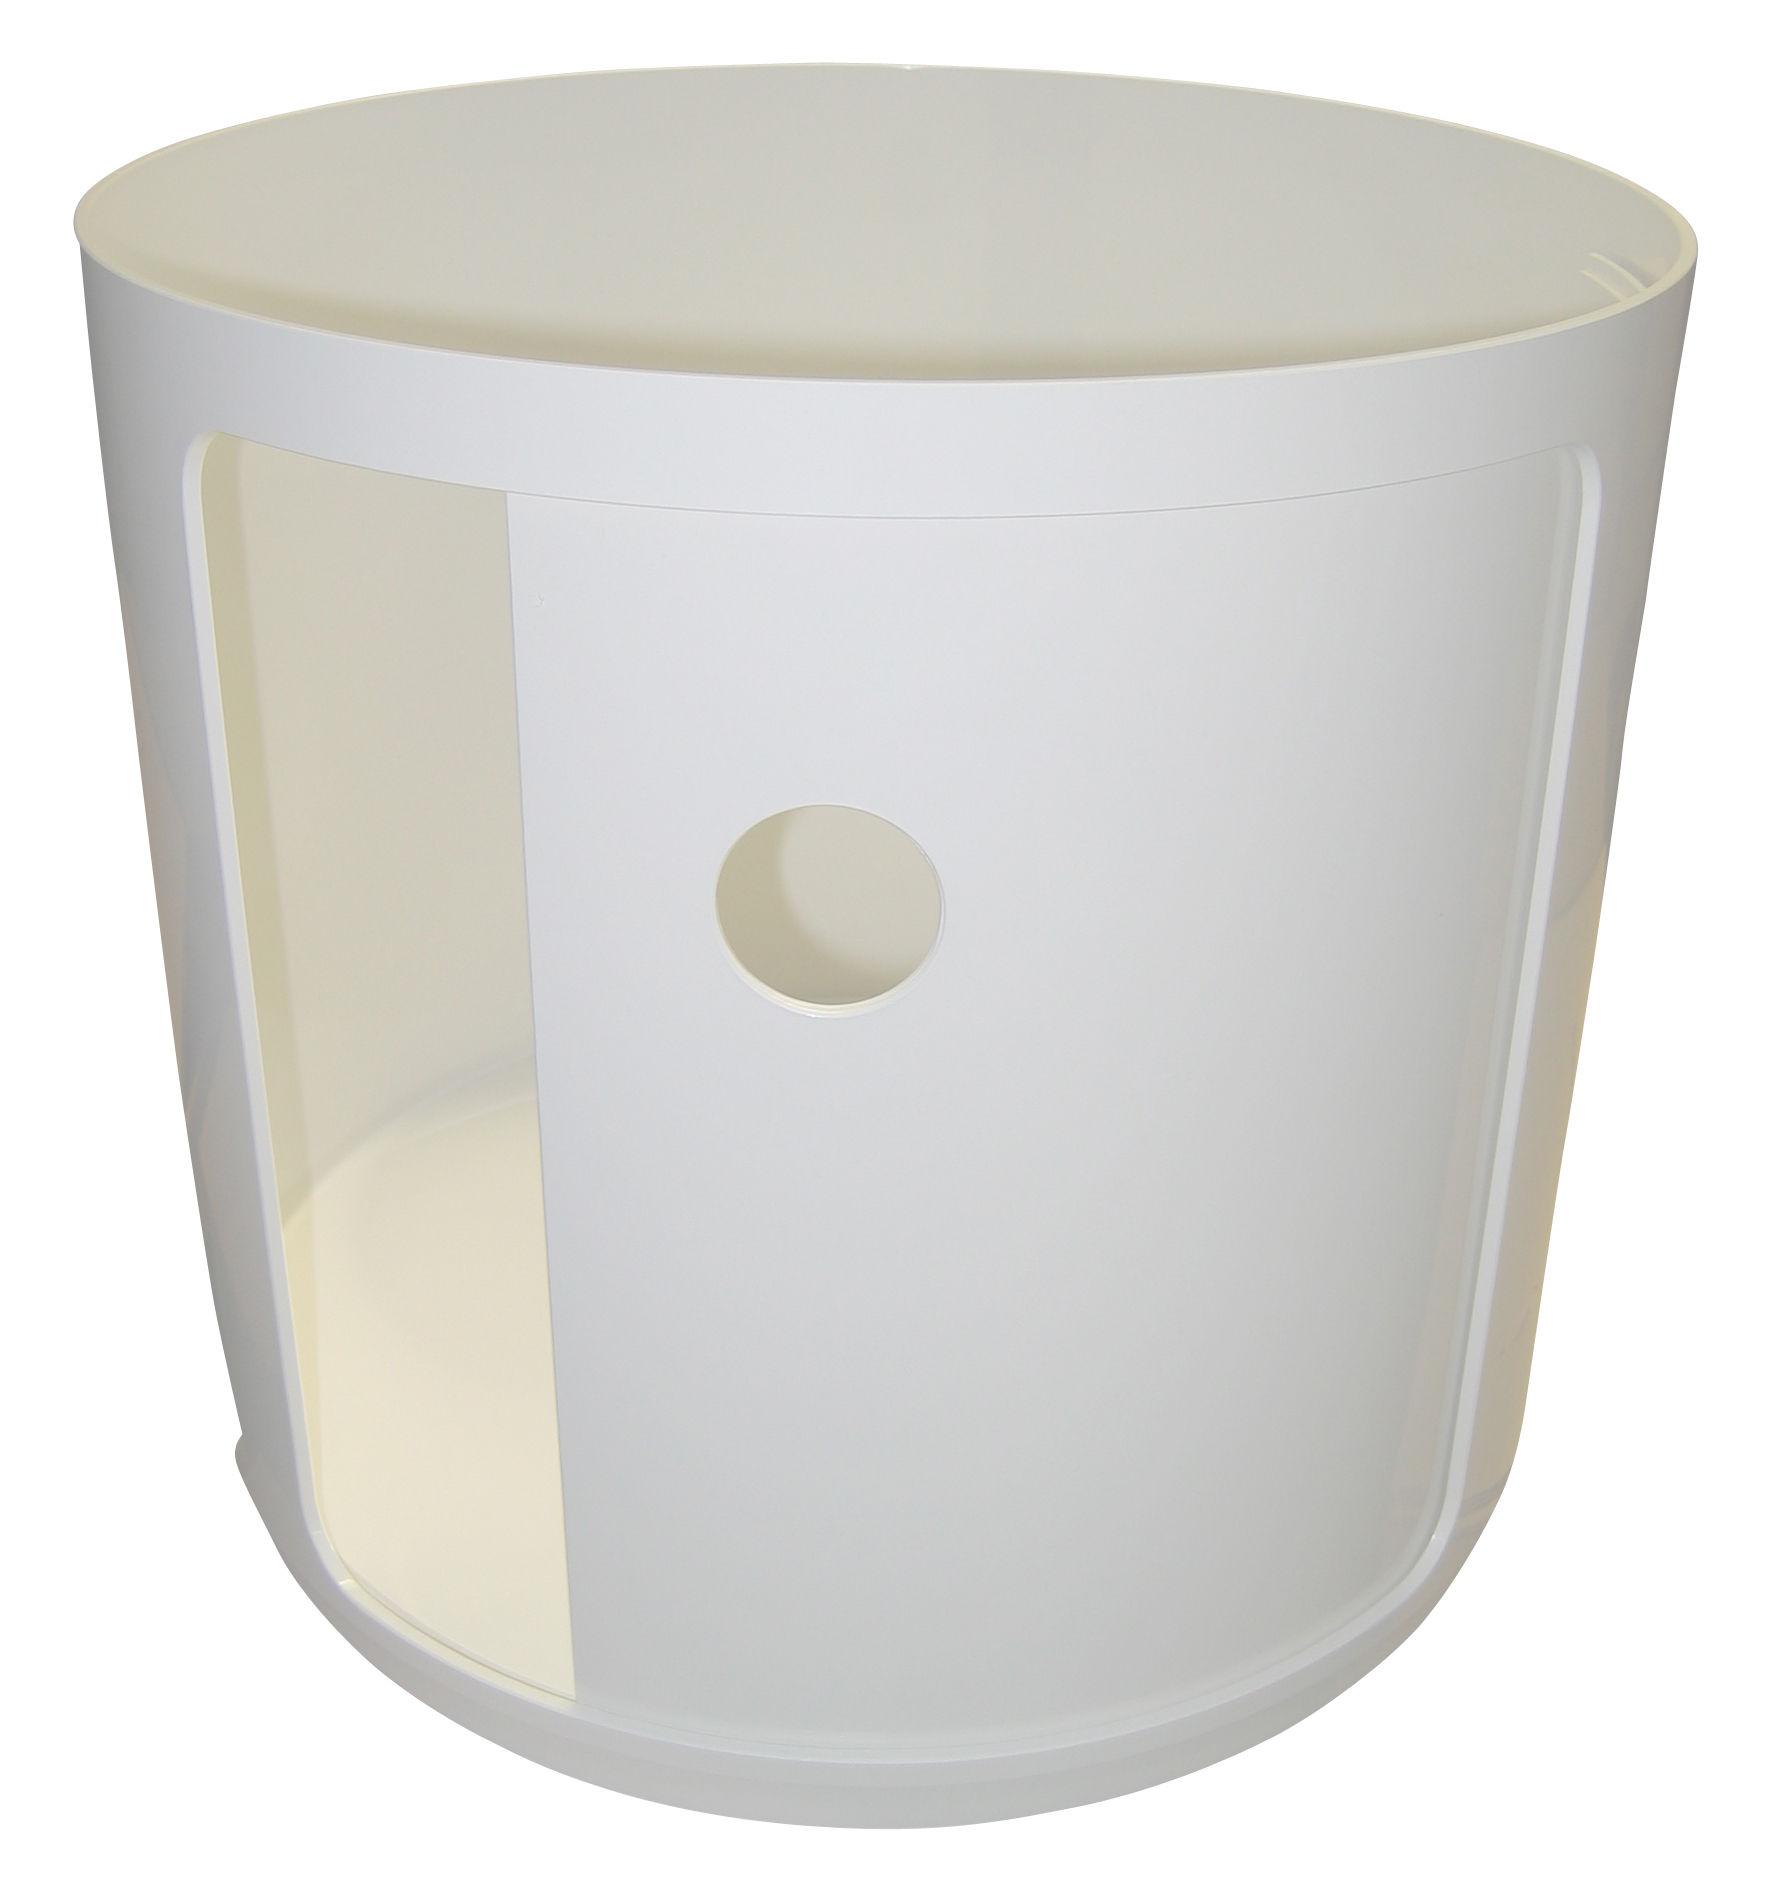 Arredamento - Mobili Ados  - Portaoggetti Componibili di Kartell - Elemento Bianco - ABS